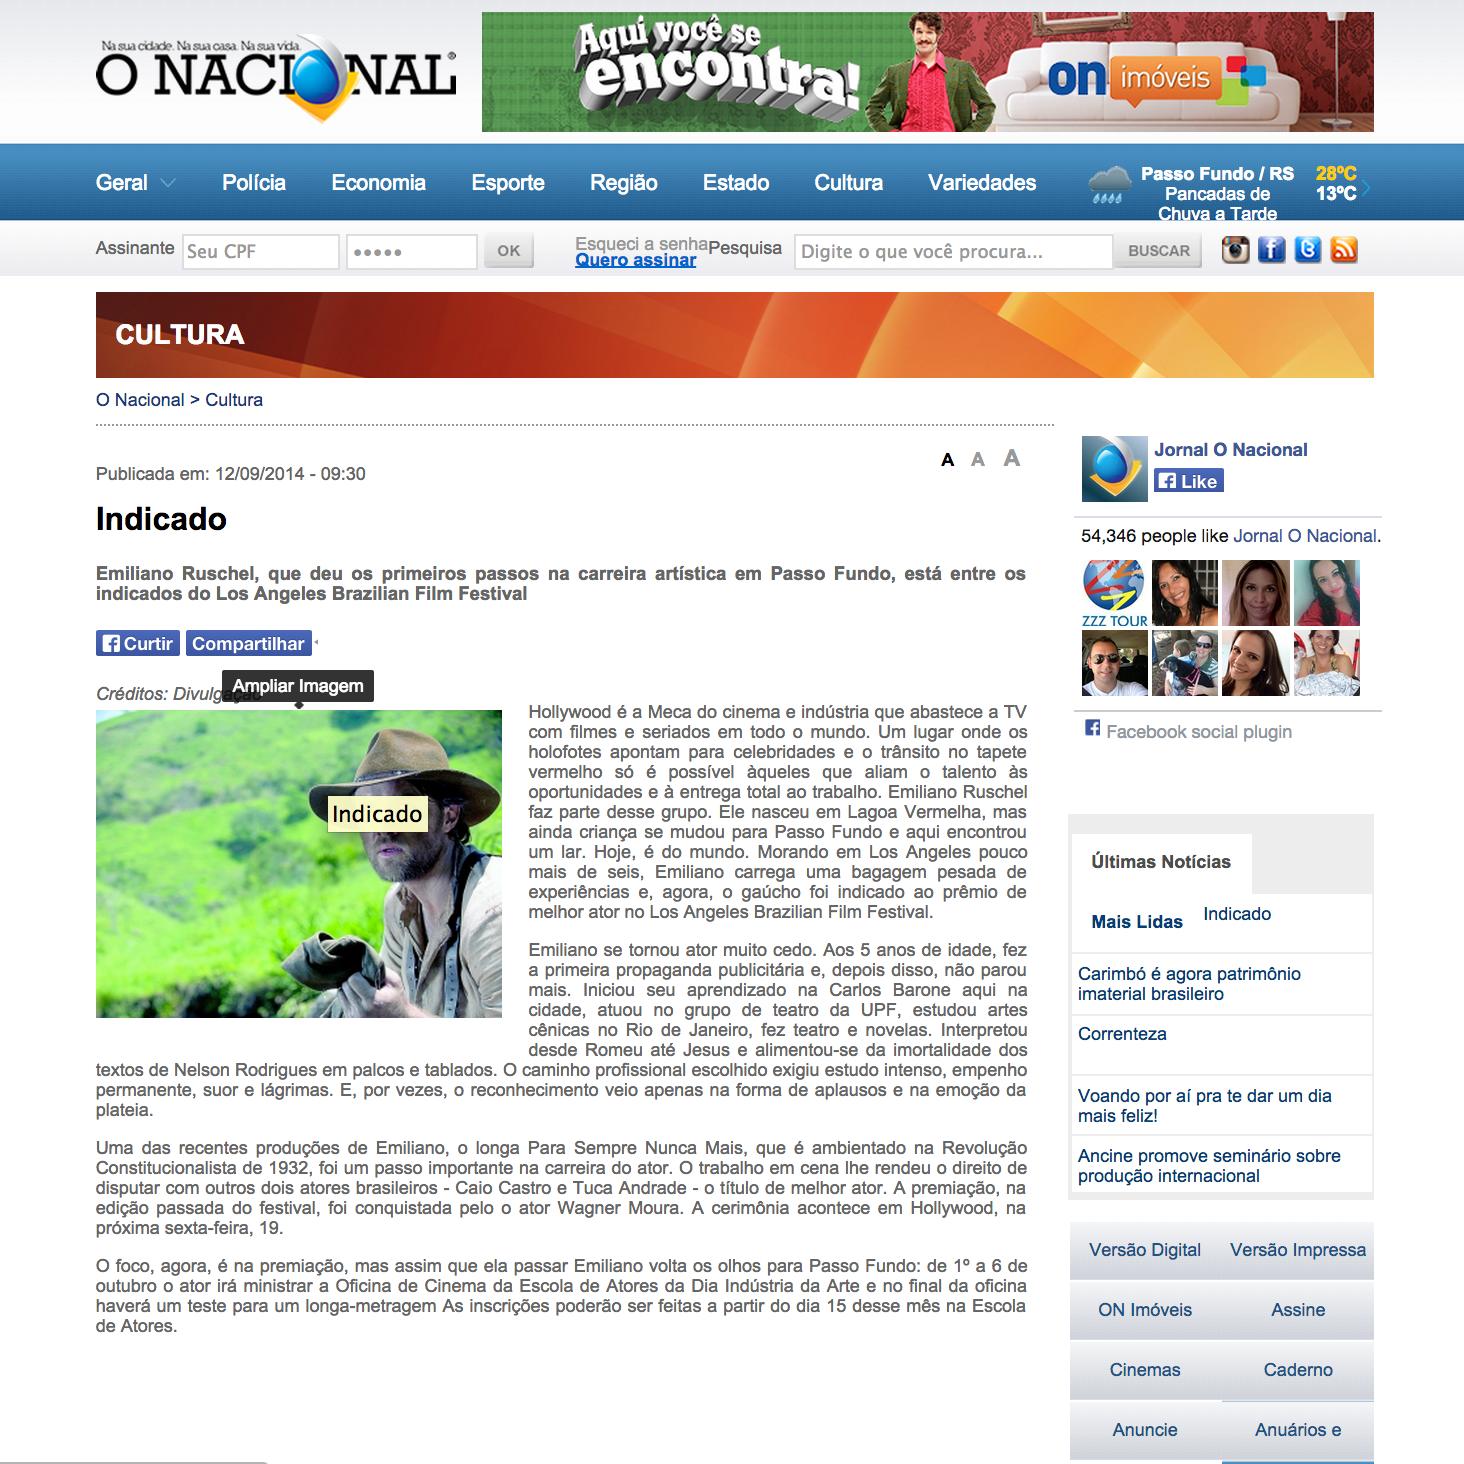 O Nacional Online